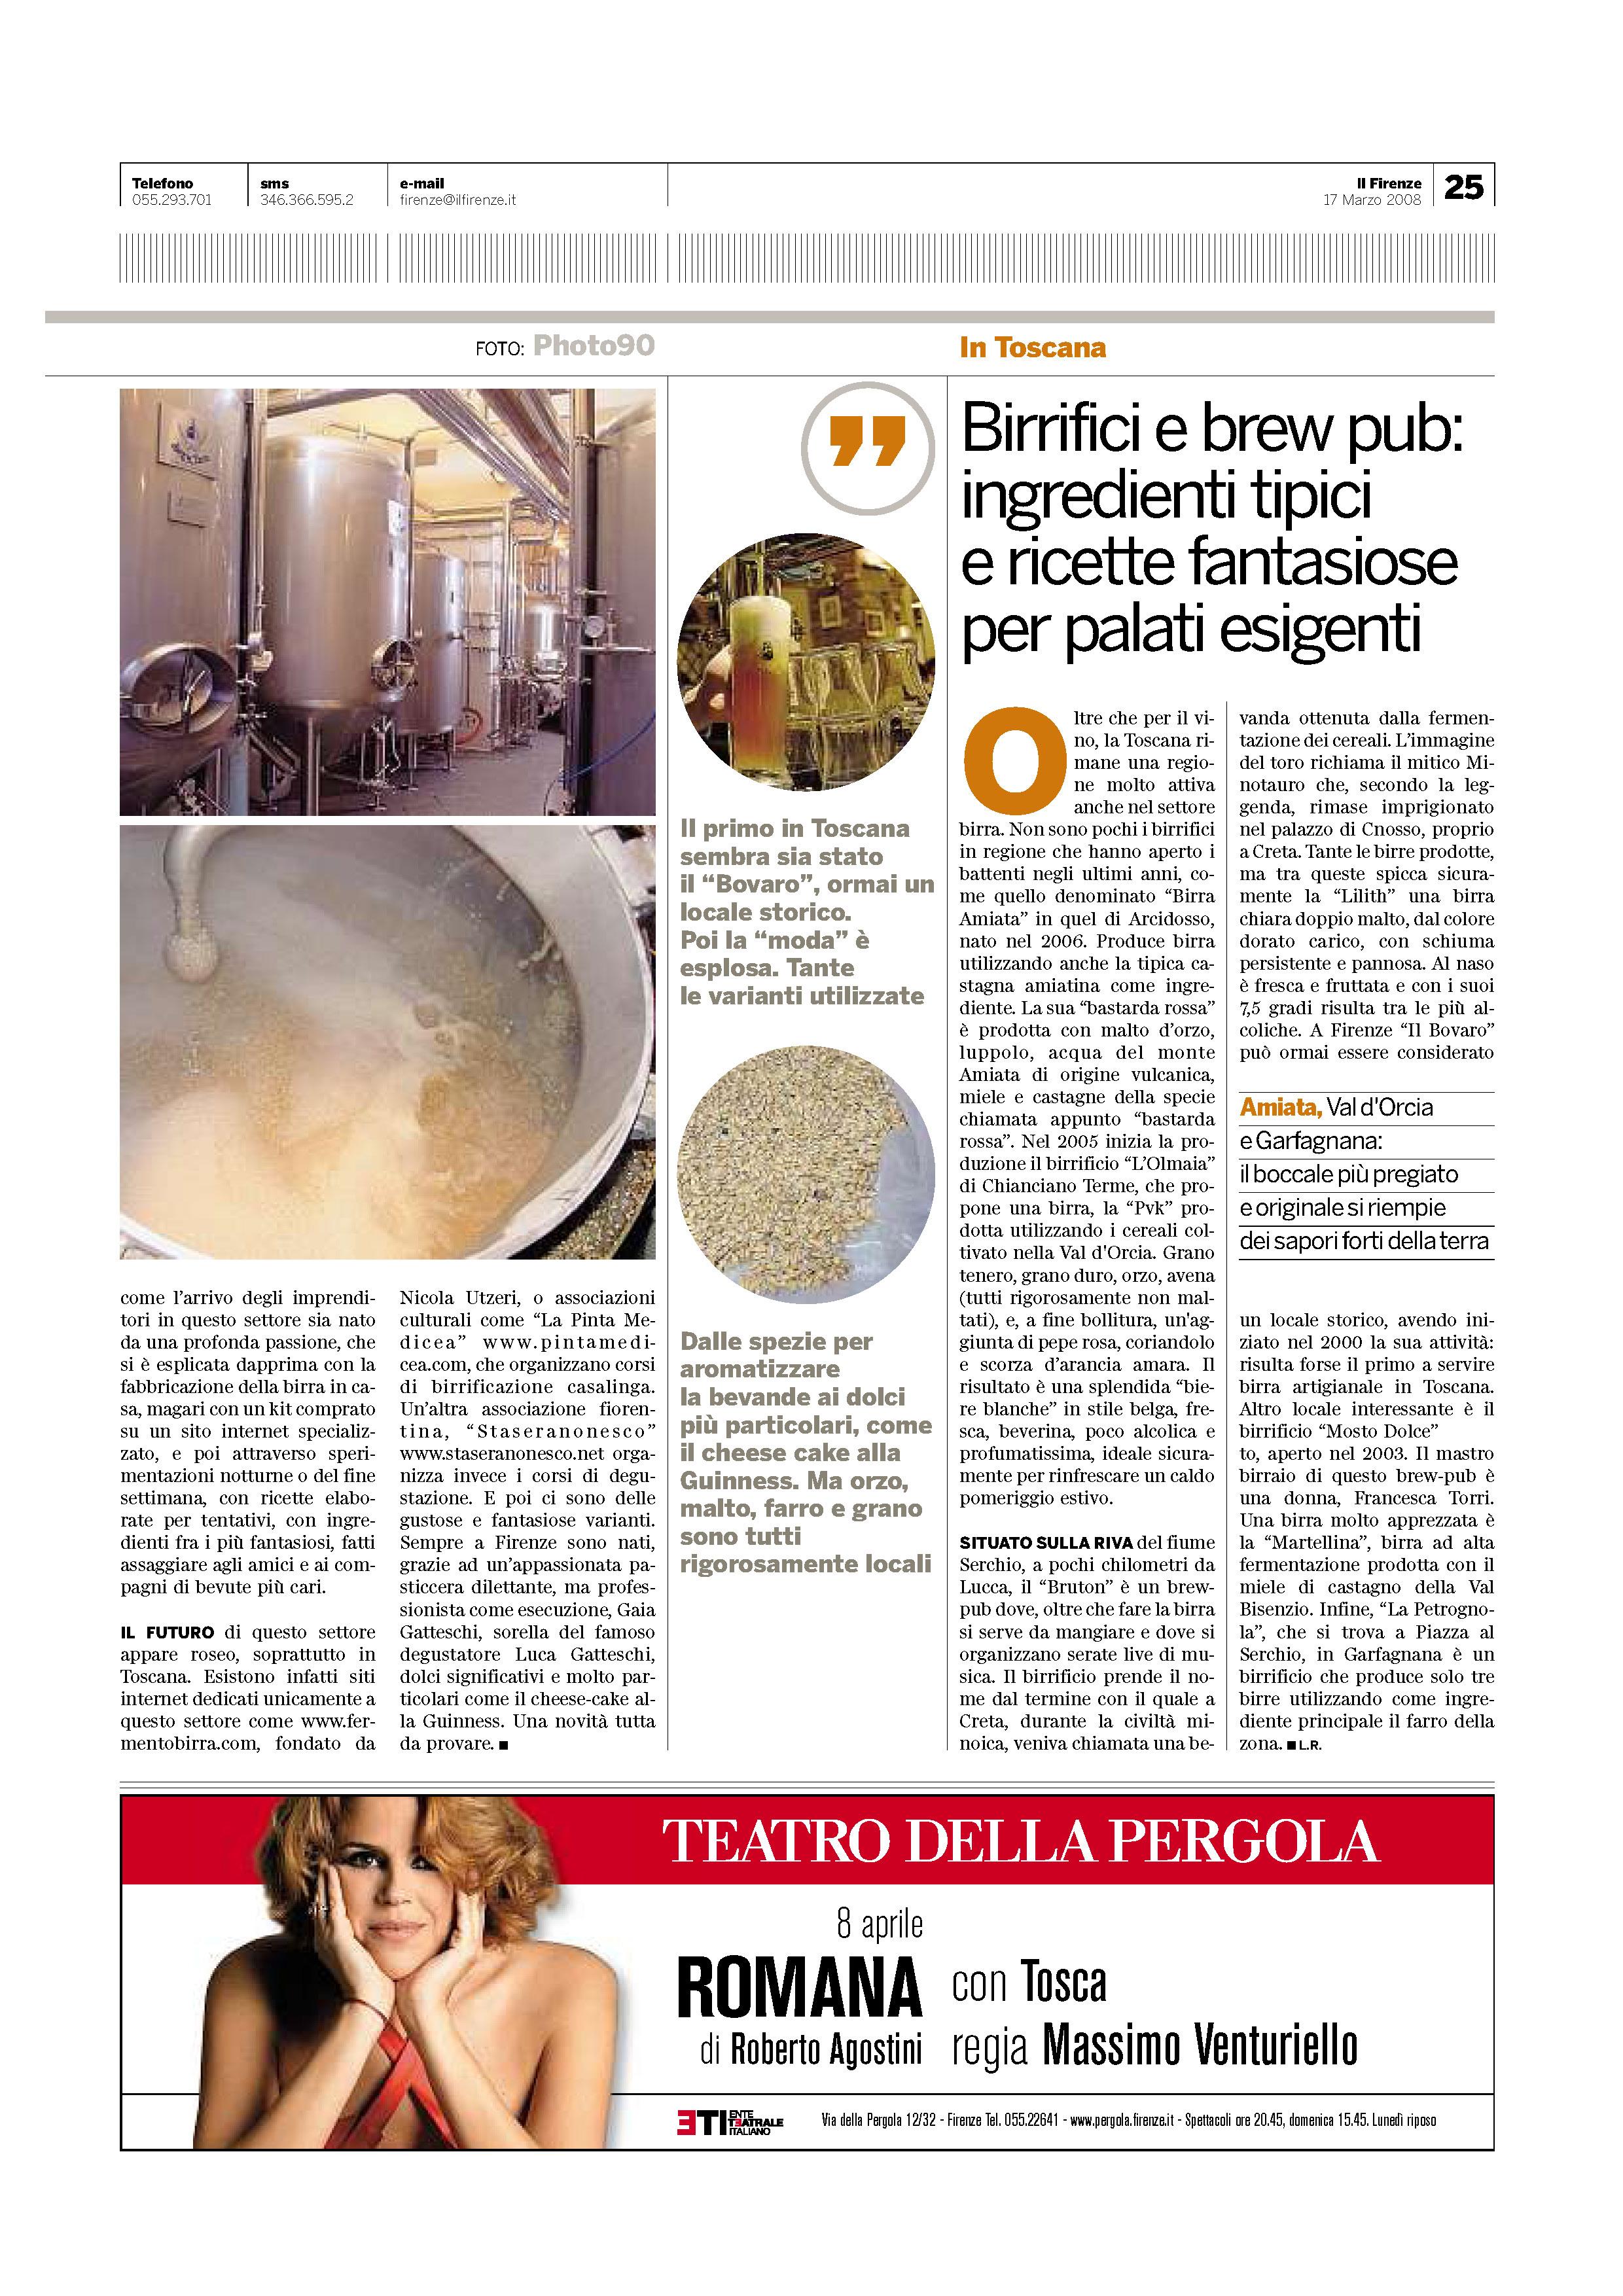 Il Firenze del  17-03-2008